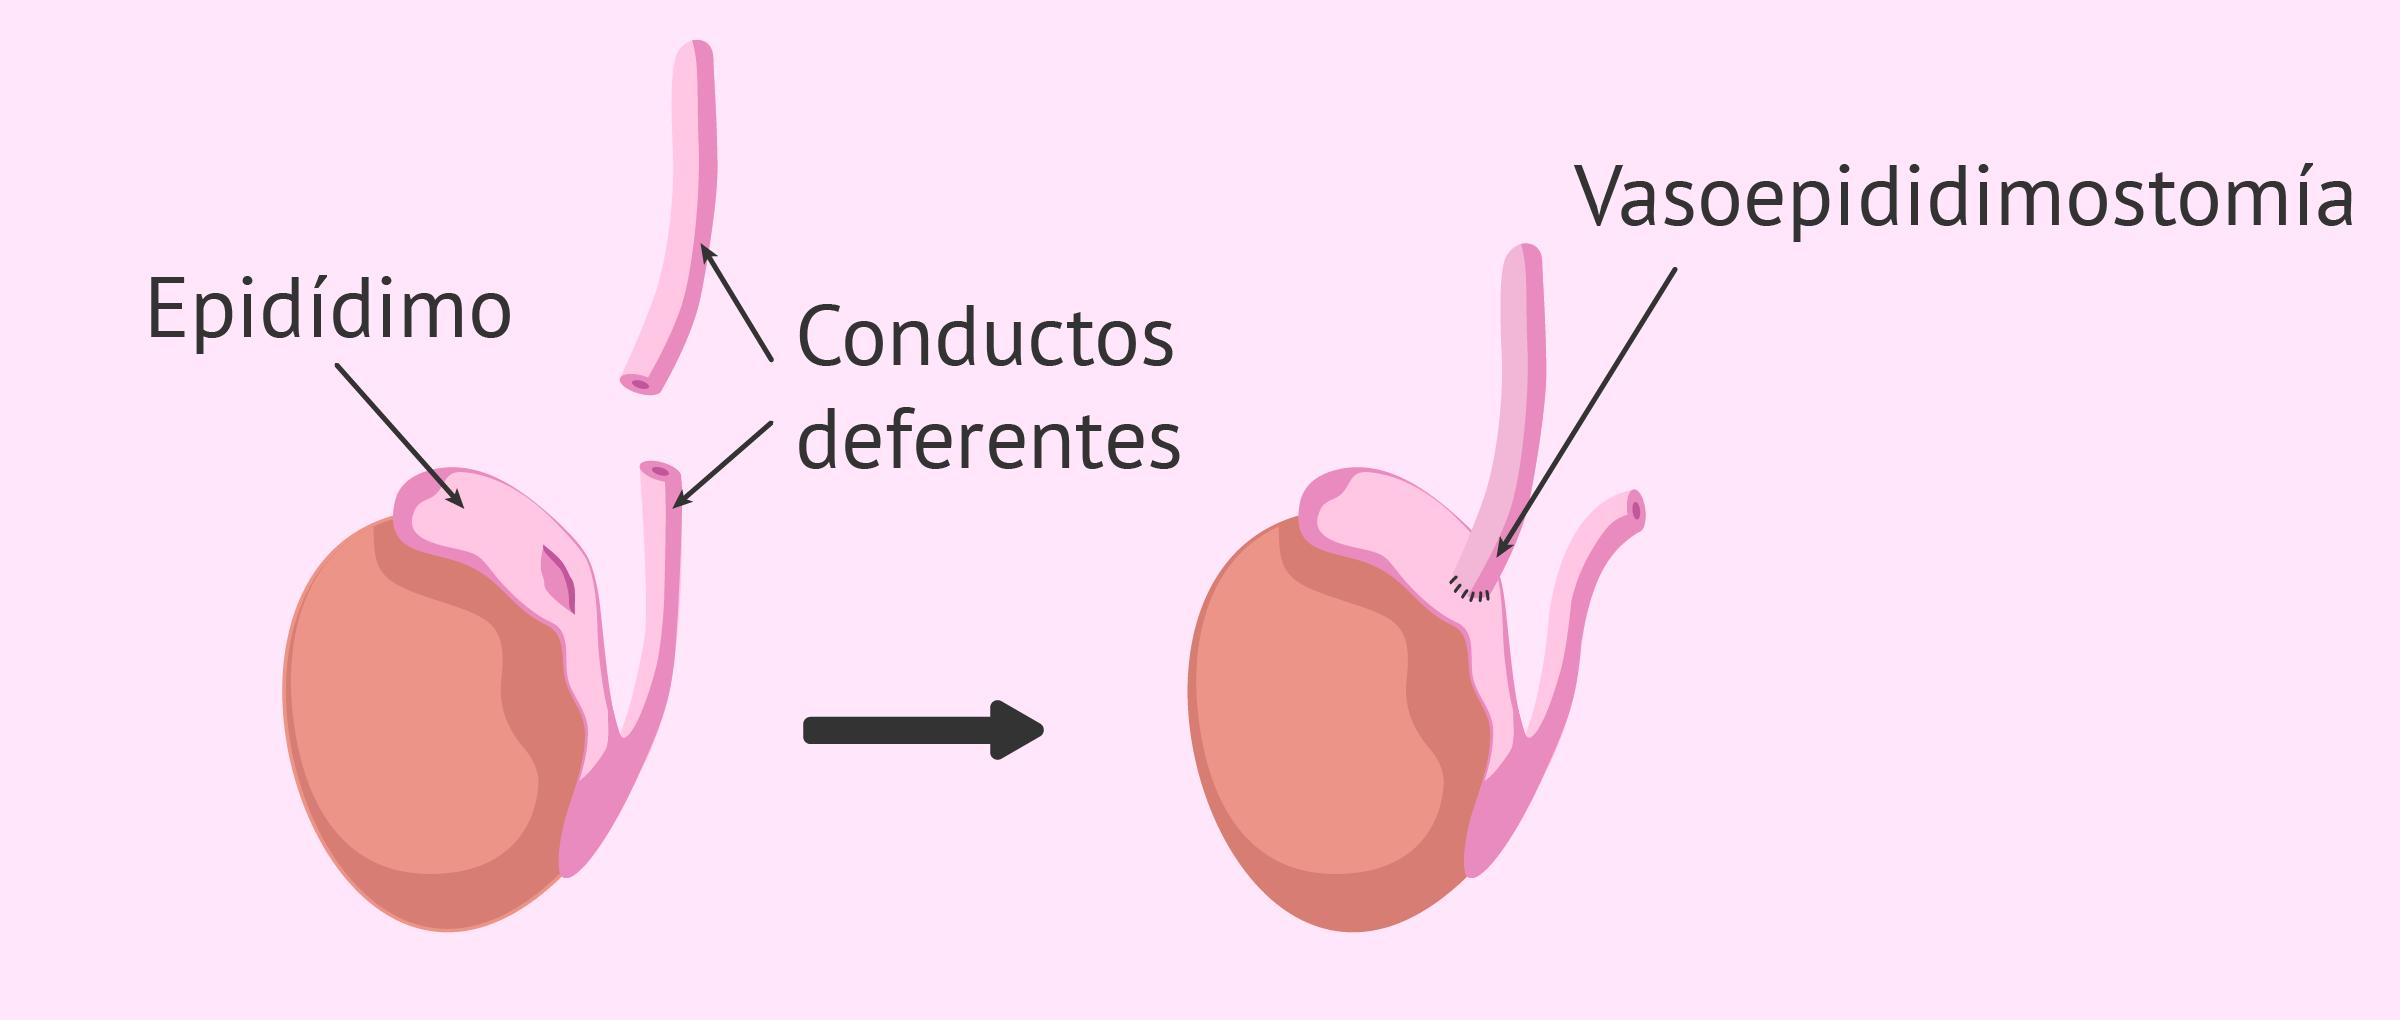 Proceso de la vasoepididimostomía